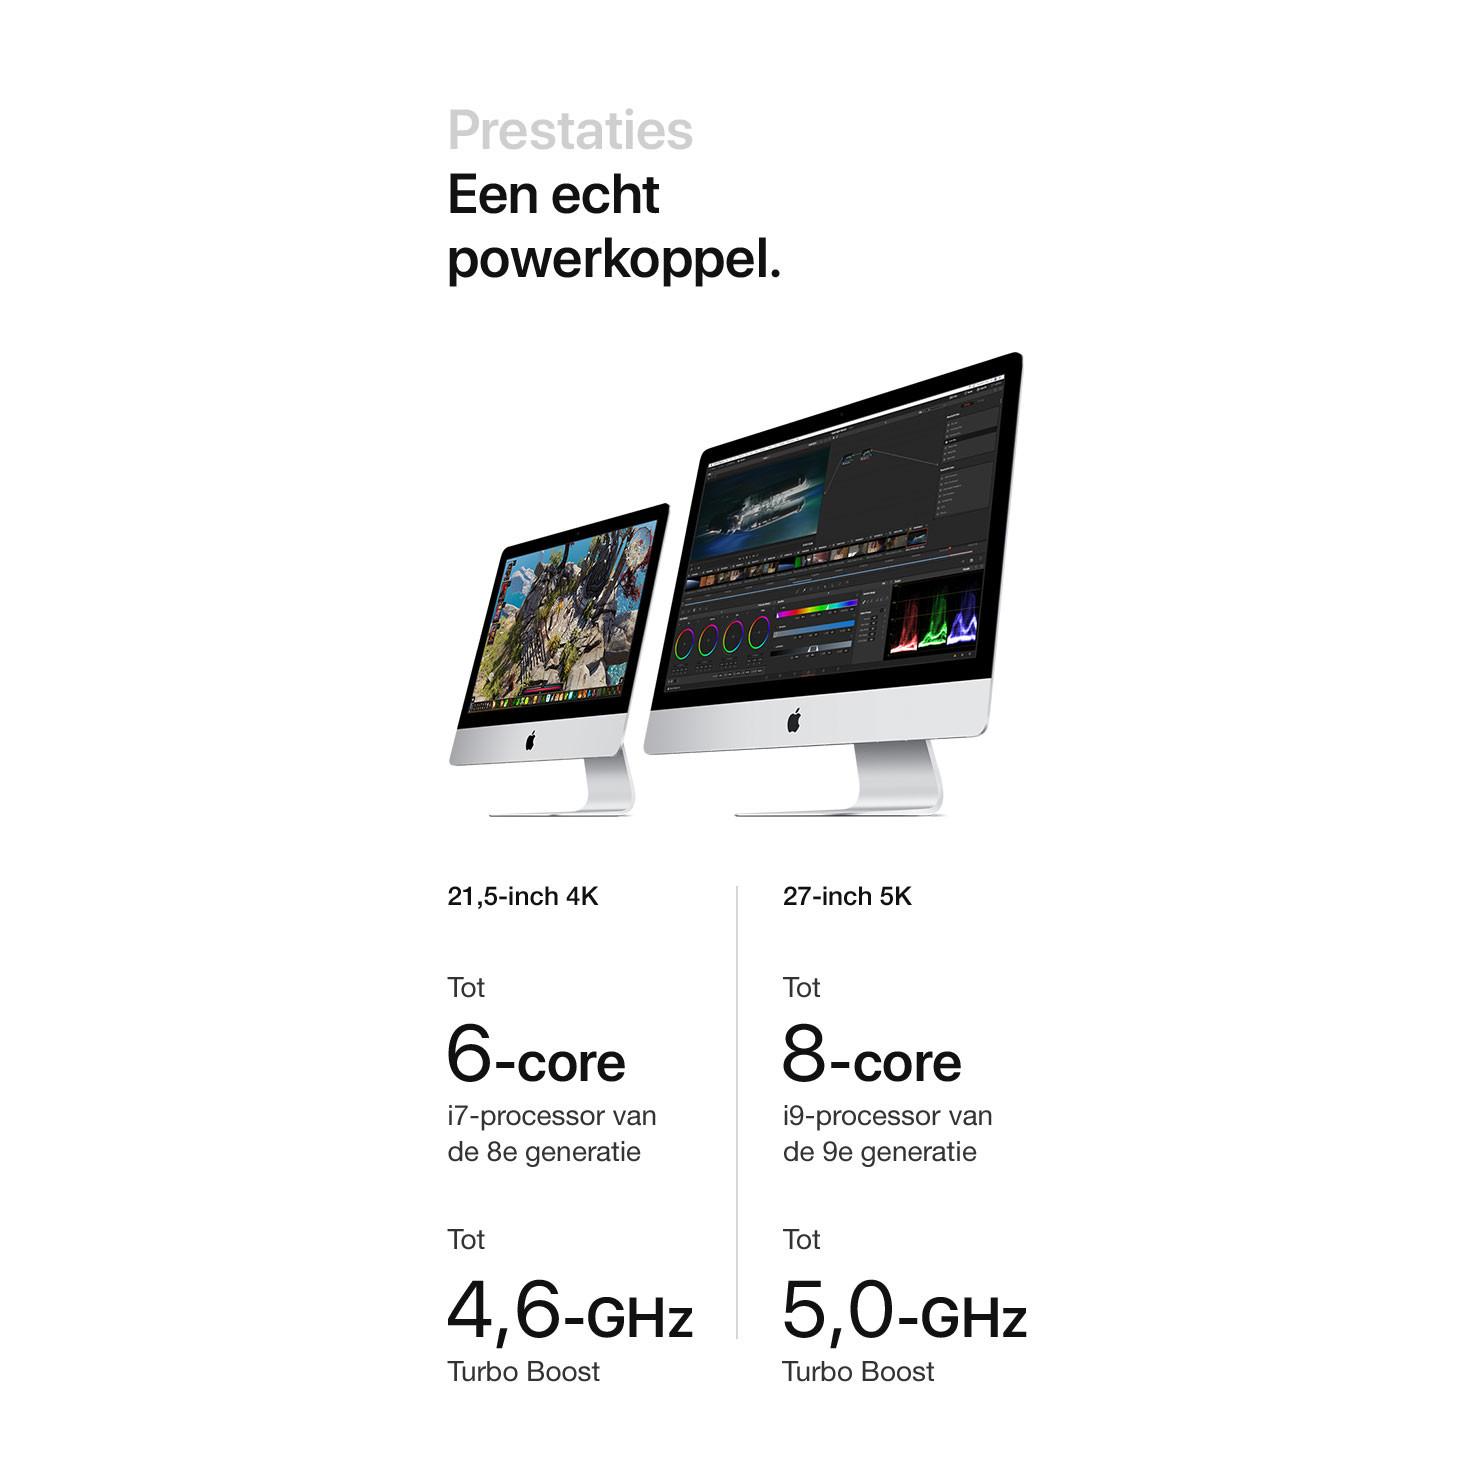 iMac2019-nl-mobile_06.jpg